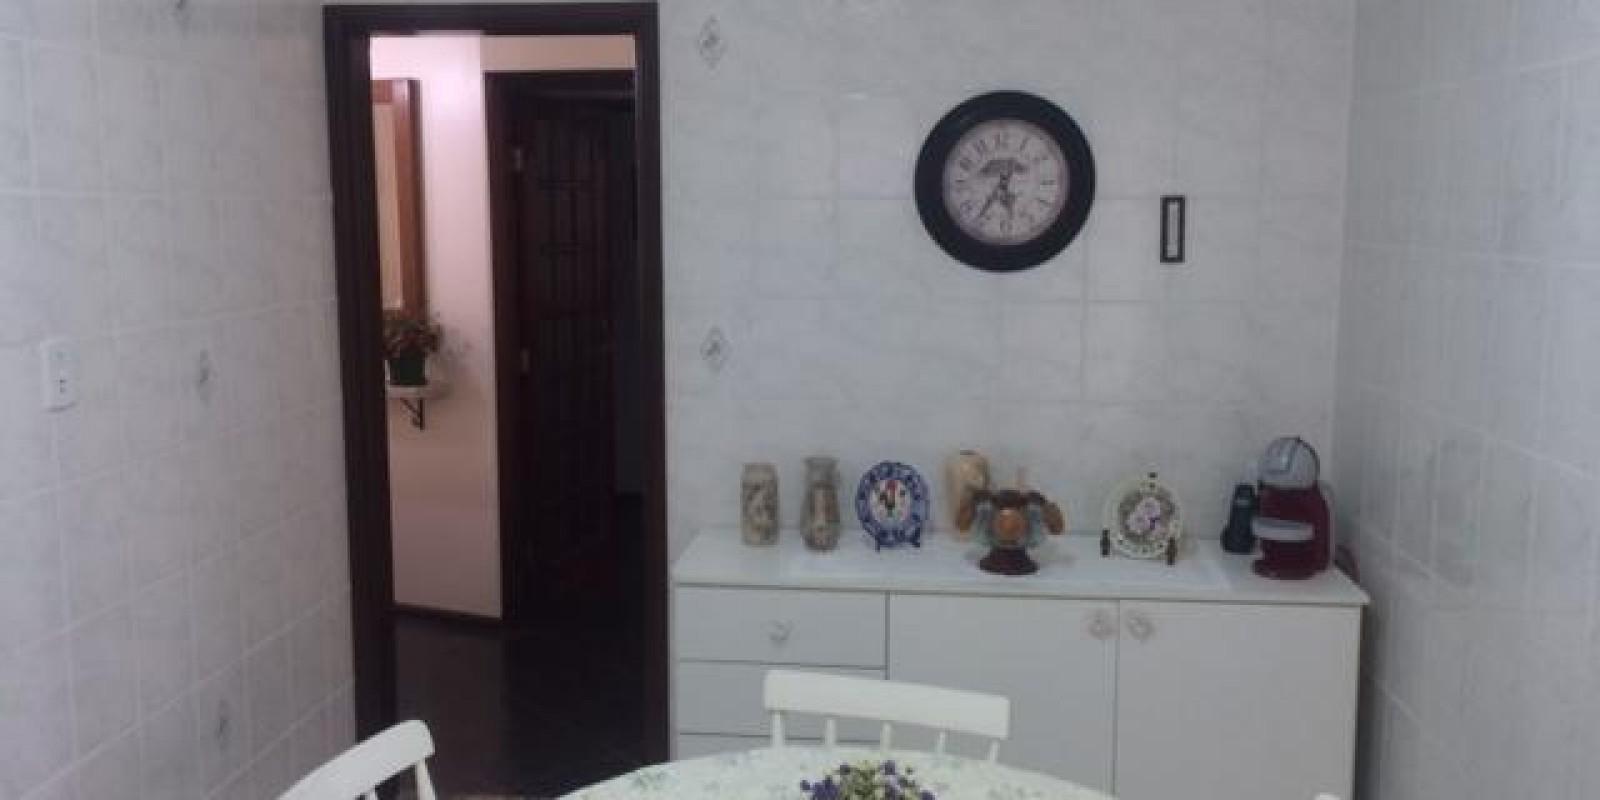 Casa no Bairro Três Maria em Avaré SP - Foto 5 de 19